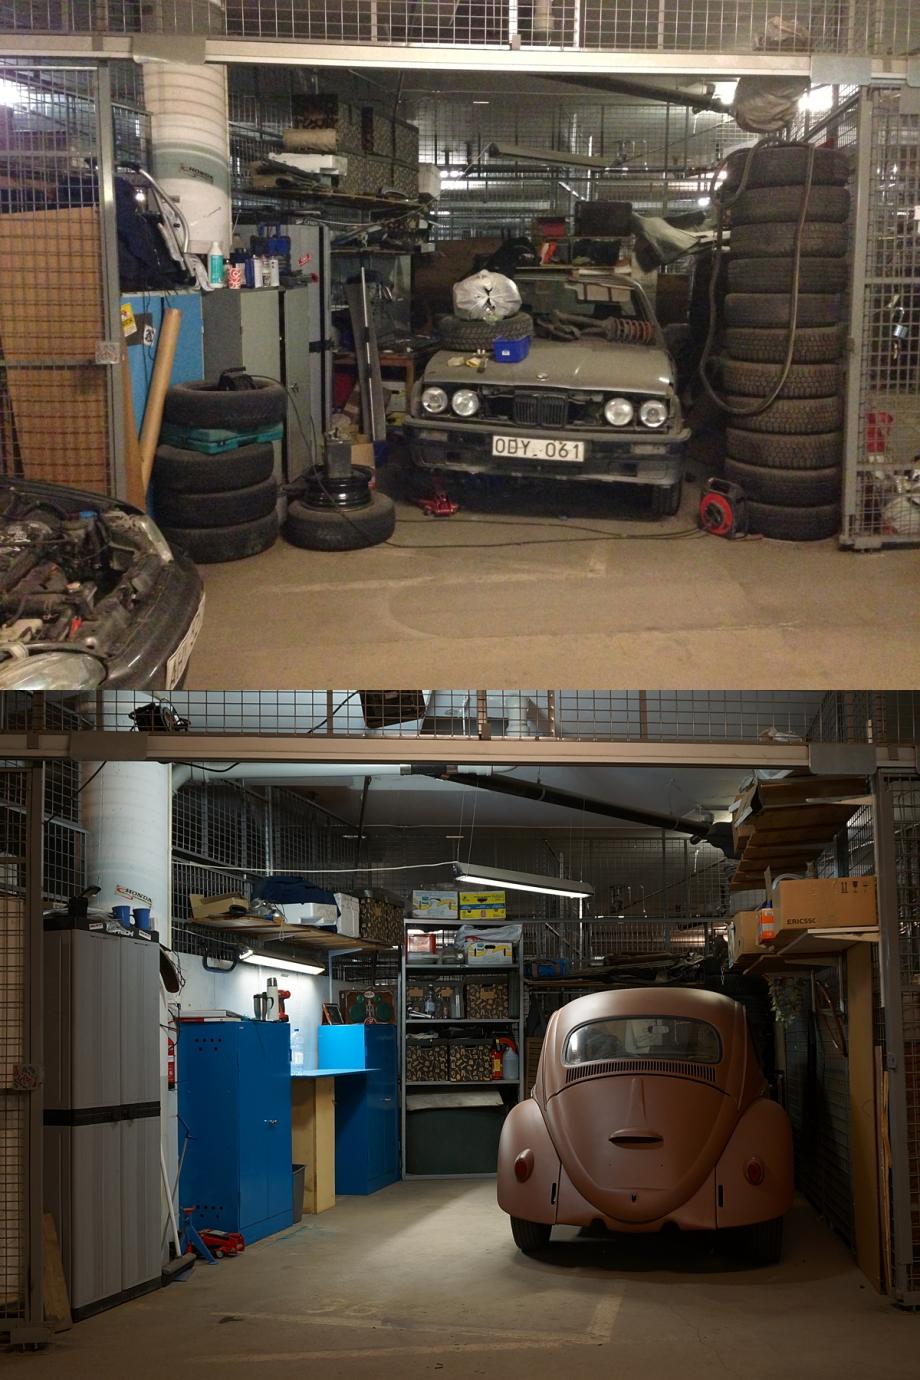 garageföreefter1